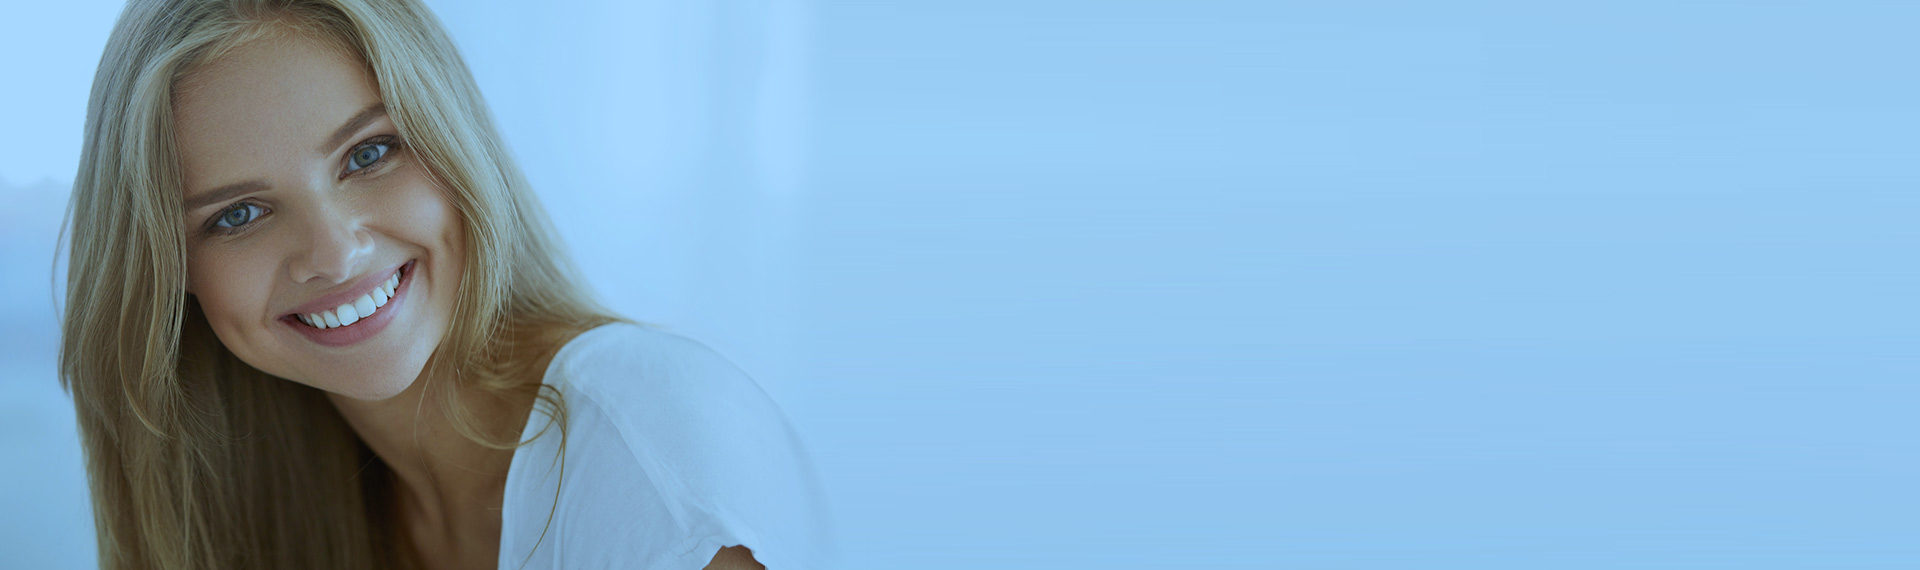 Rodzinna poradnia stomatologiczna w Twoim Milanówku Blisko, wygodnie i z profesjonalną opieką.